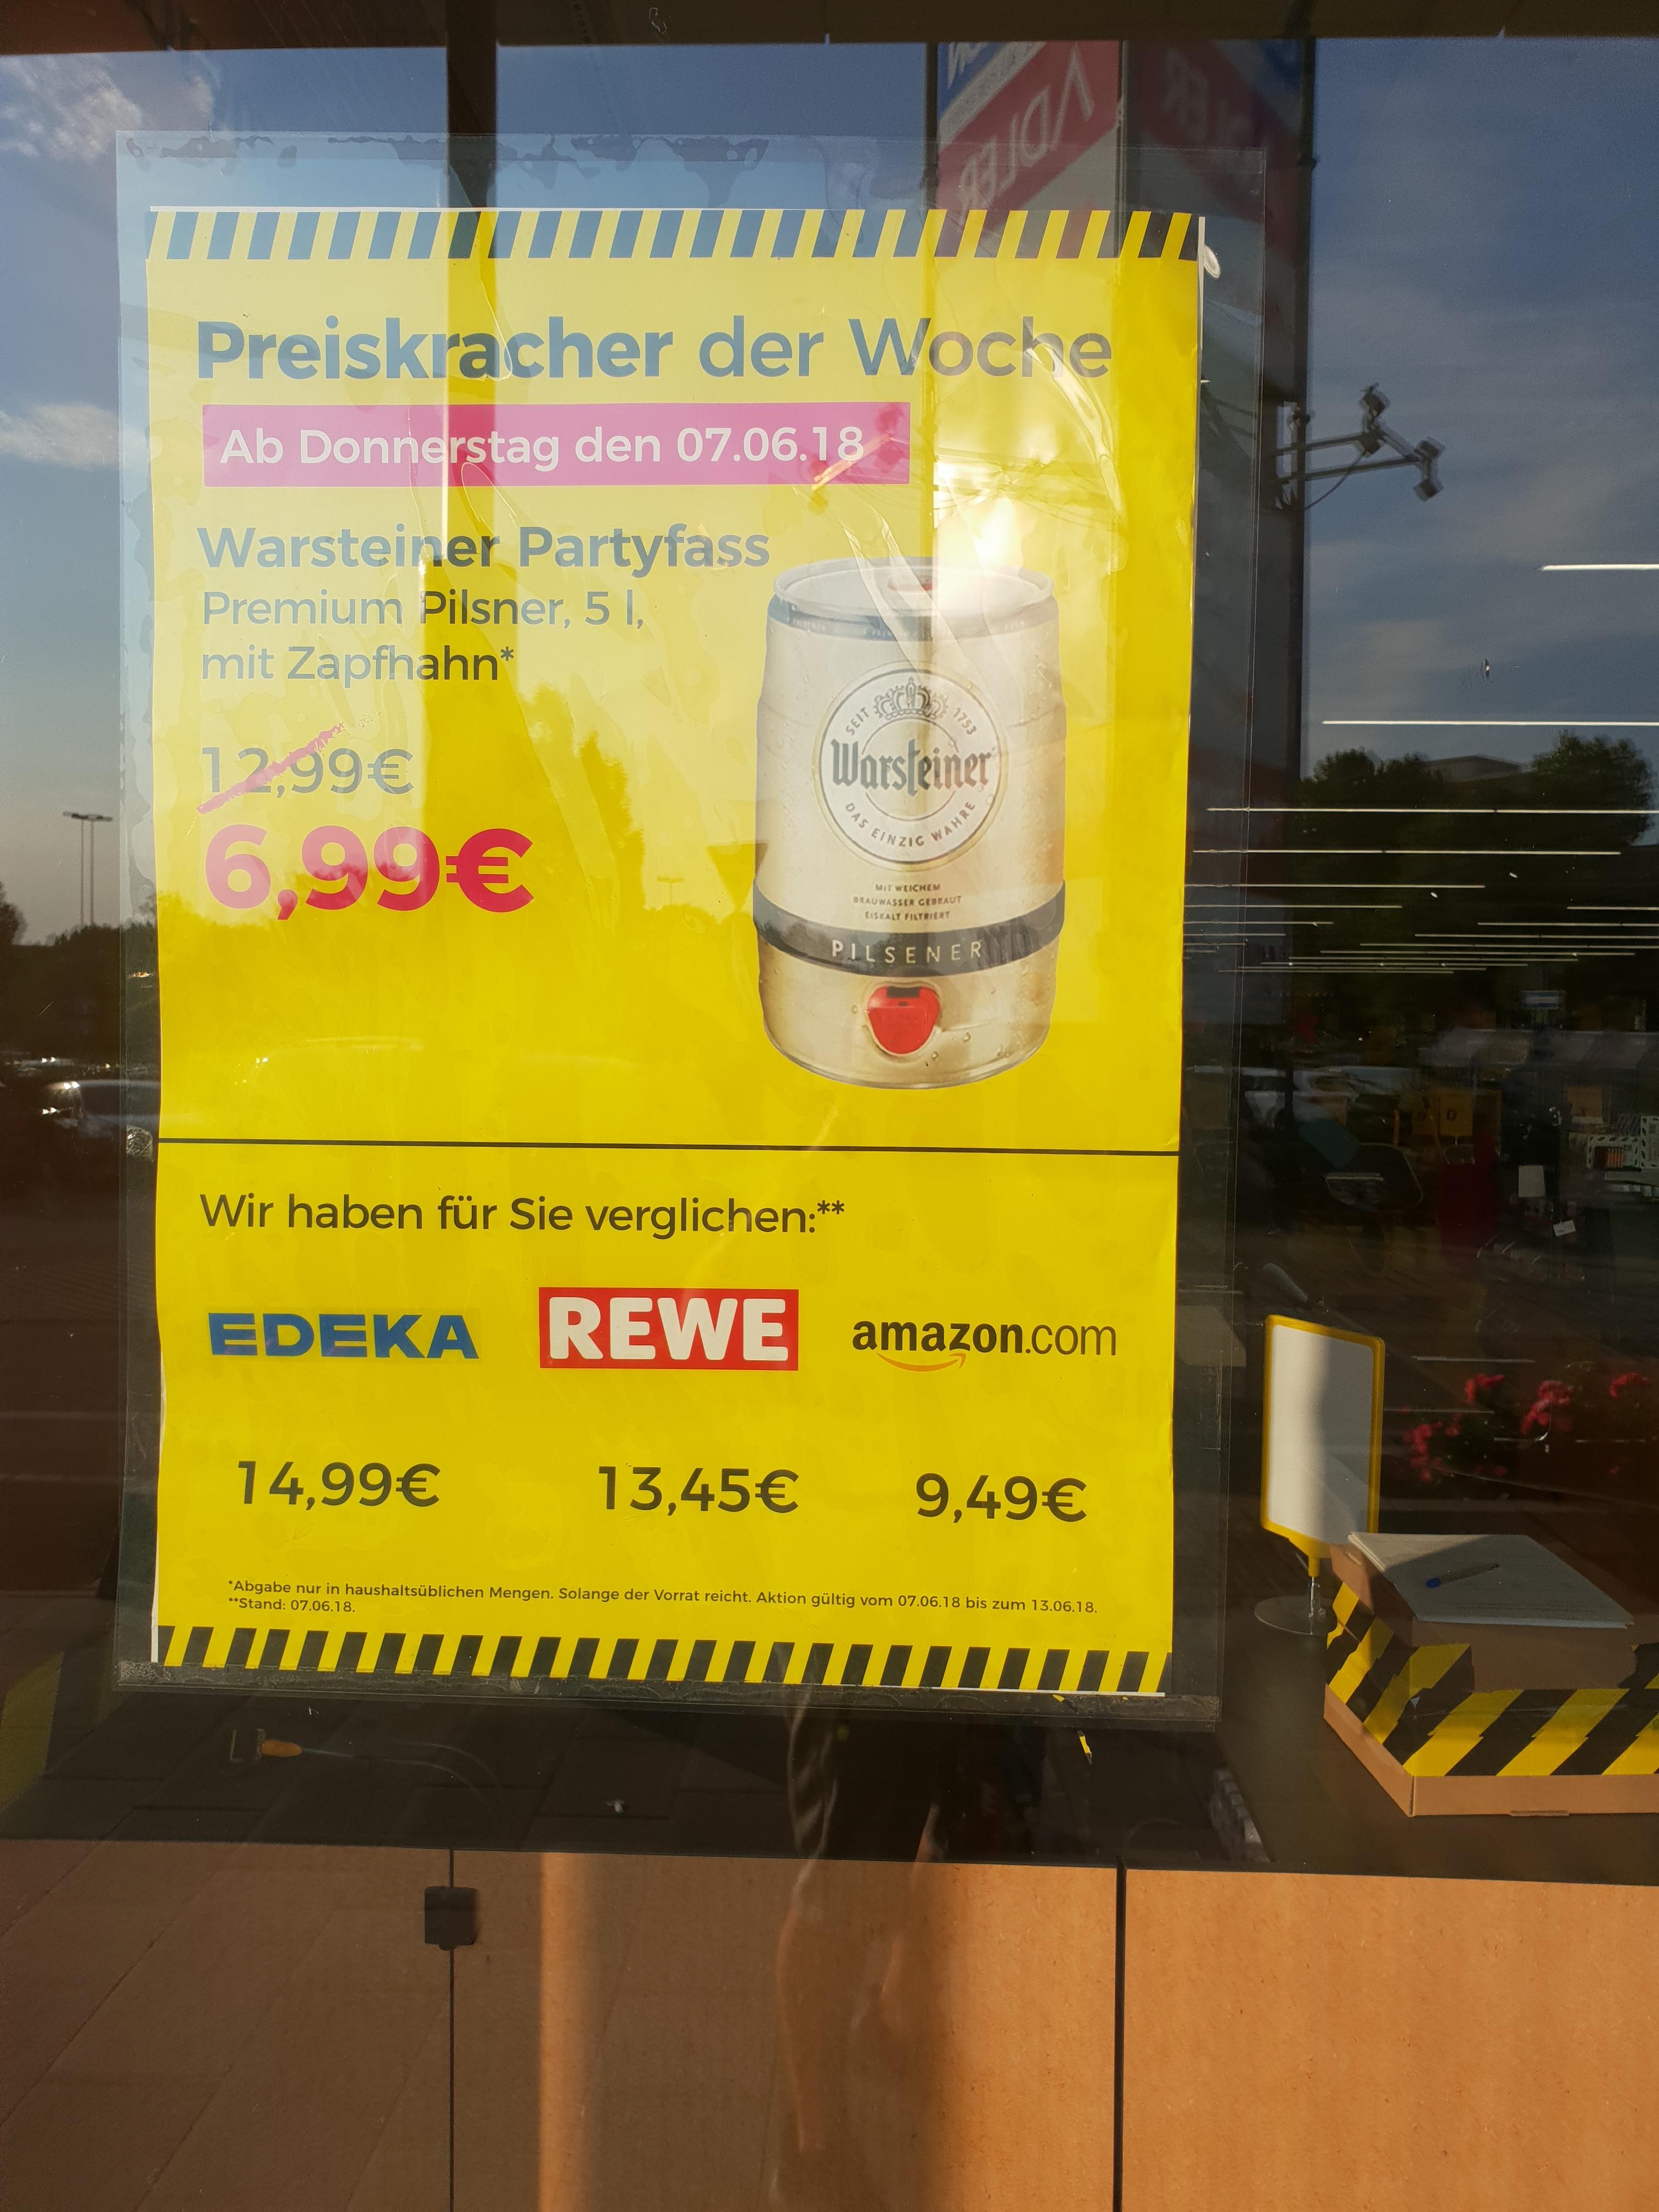 [Lokal Eiche b.Berlin] kleiner Sammeldeal Kokoschips, Kokoswasser, 5l Warsteiner, Scholl Velvet, Archos Bluetooth Mütze  @ factorymarket - Kaufpark Eiche